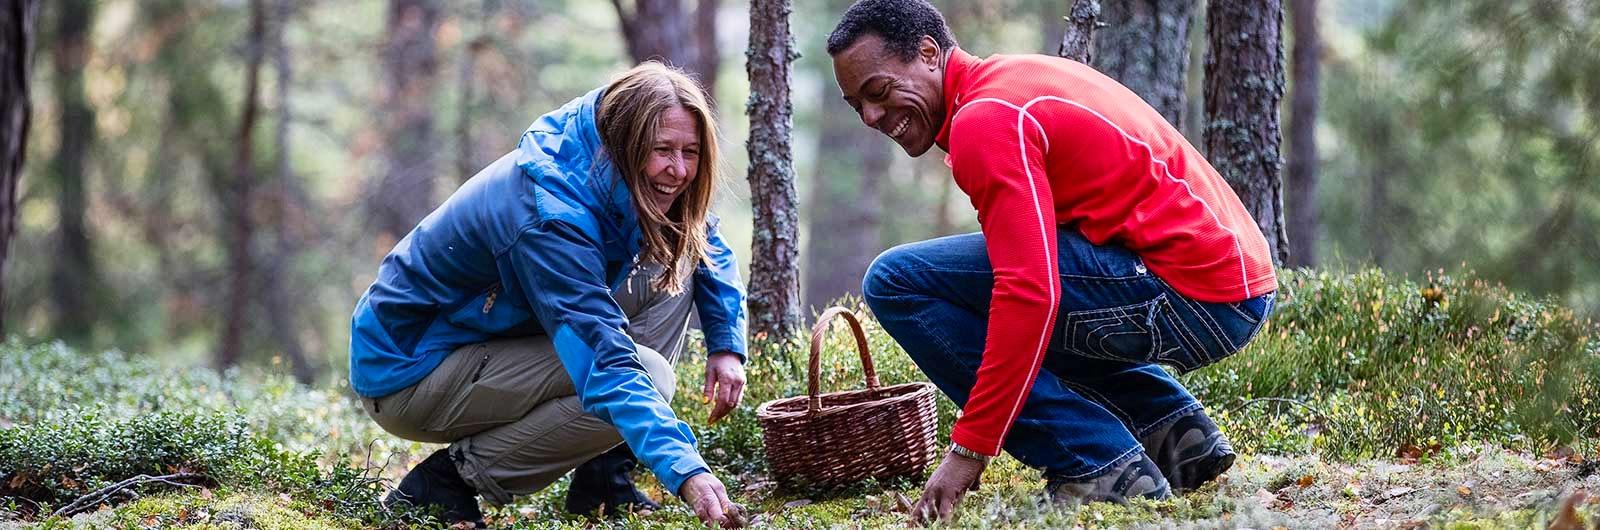 Två glada personer plockar svamp